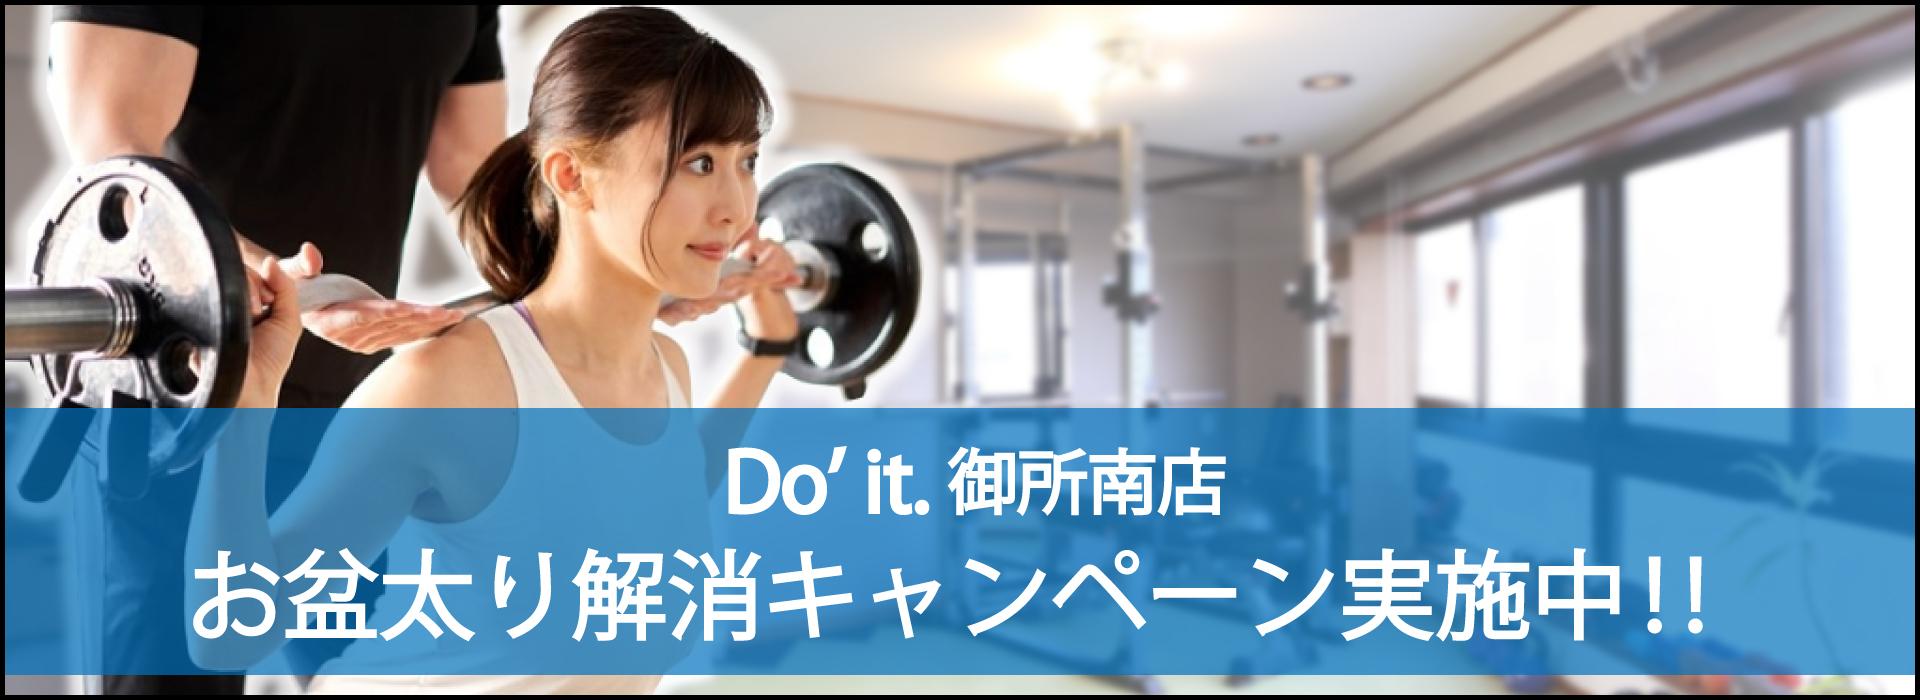 御所南店 キャンペーン バナー.jpg